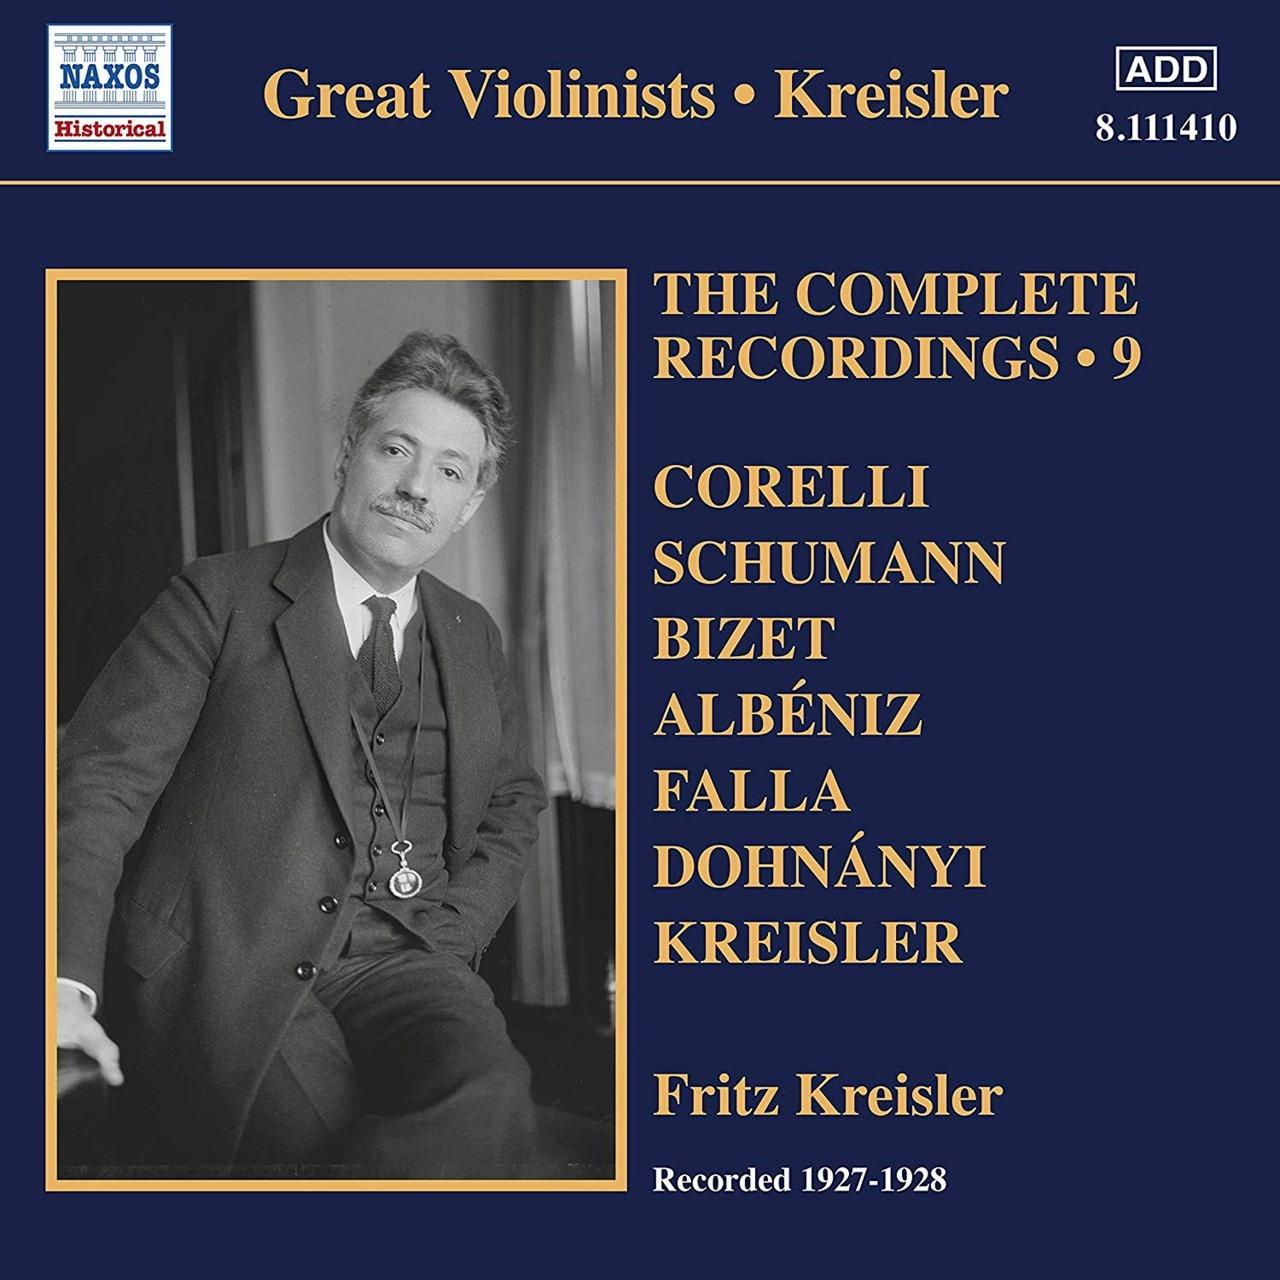 Fritz Kreisler: The Complete Recordings: Recorded 1927 - 1928 - Volume 9 - 1